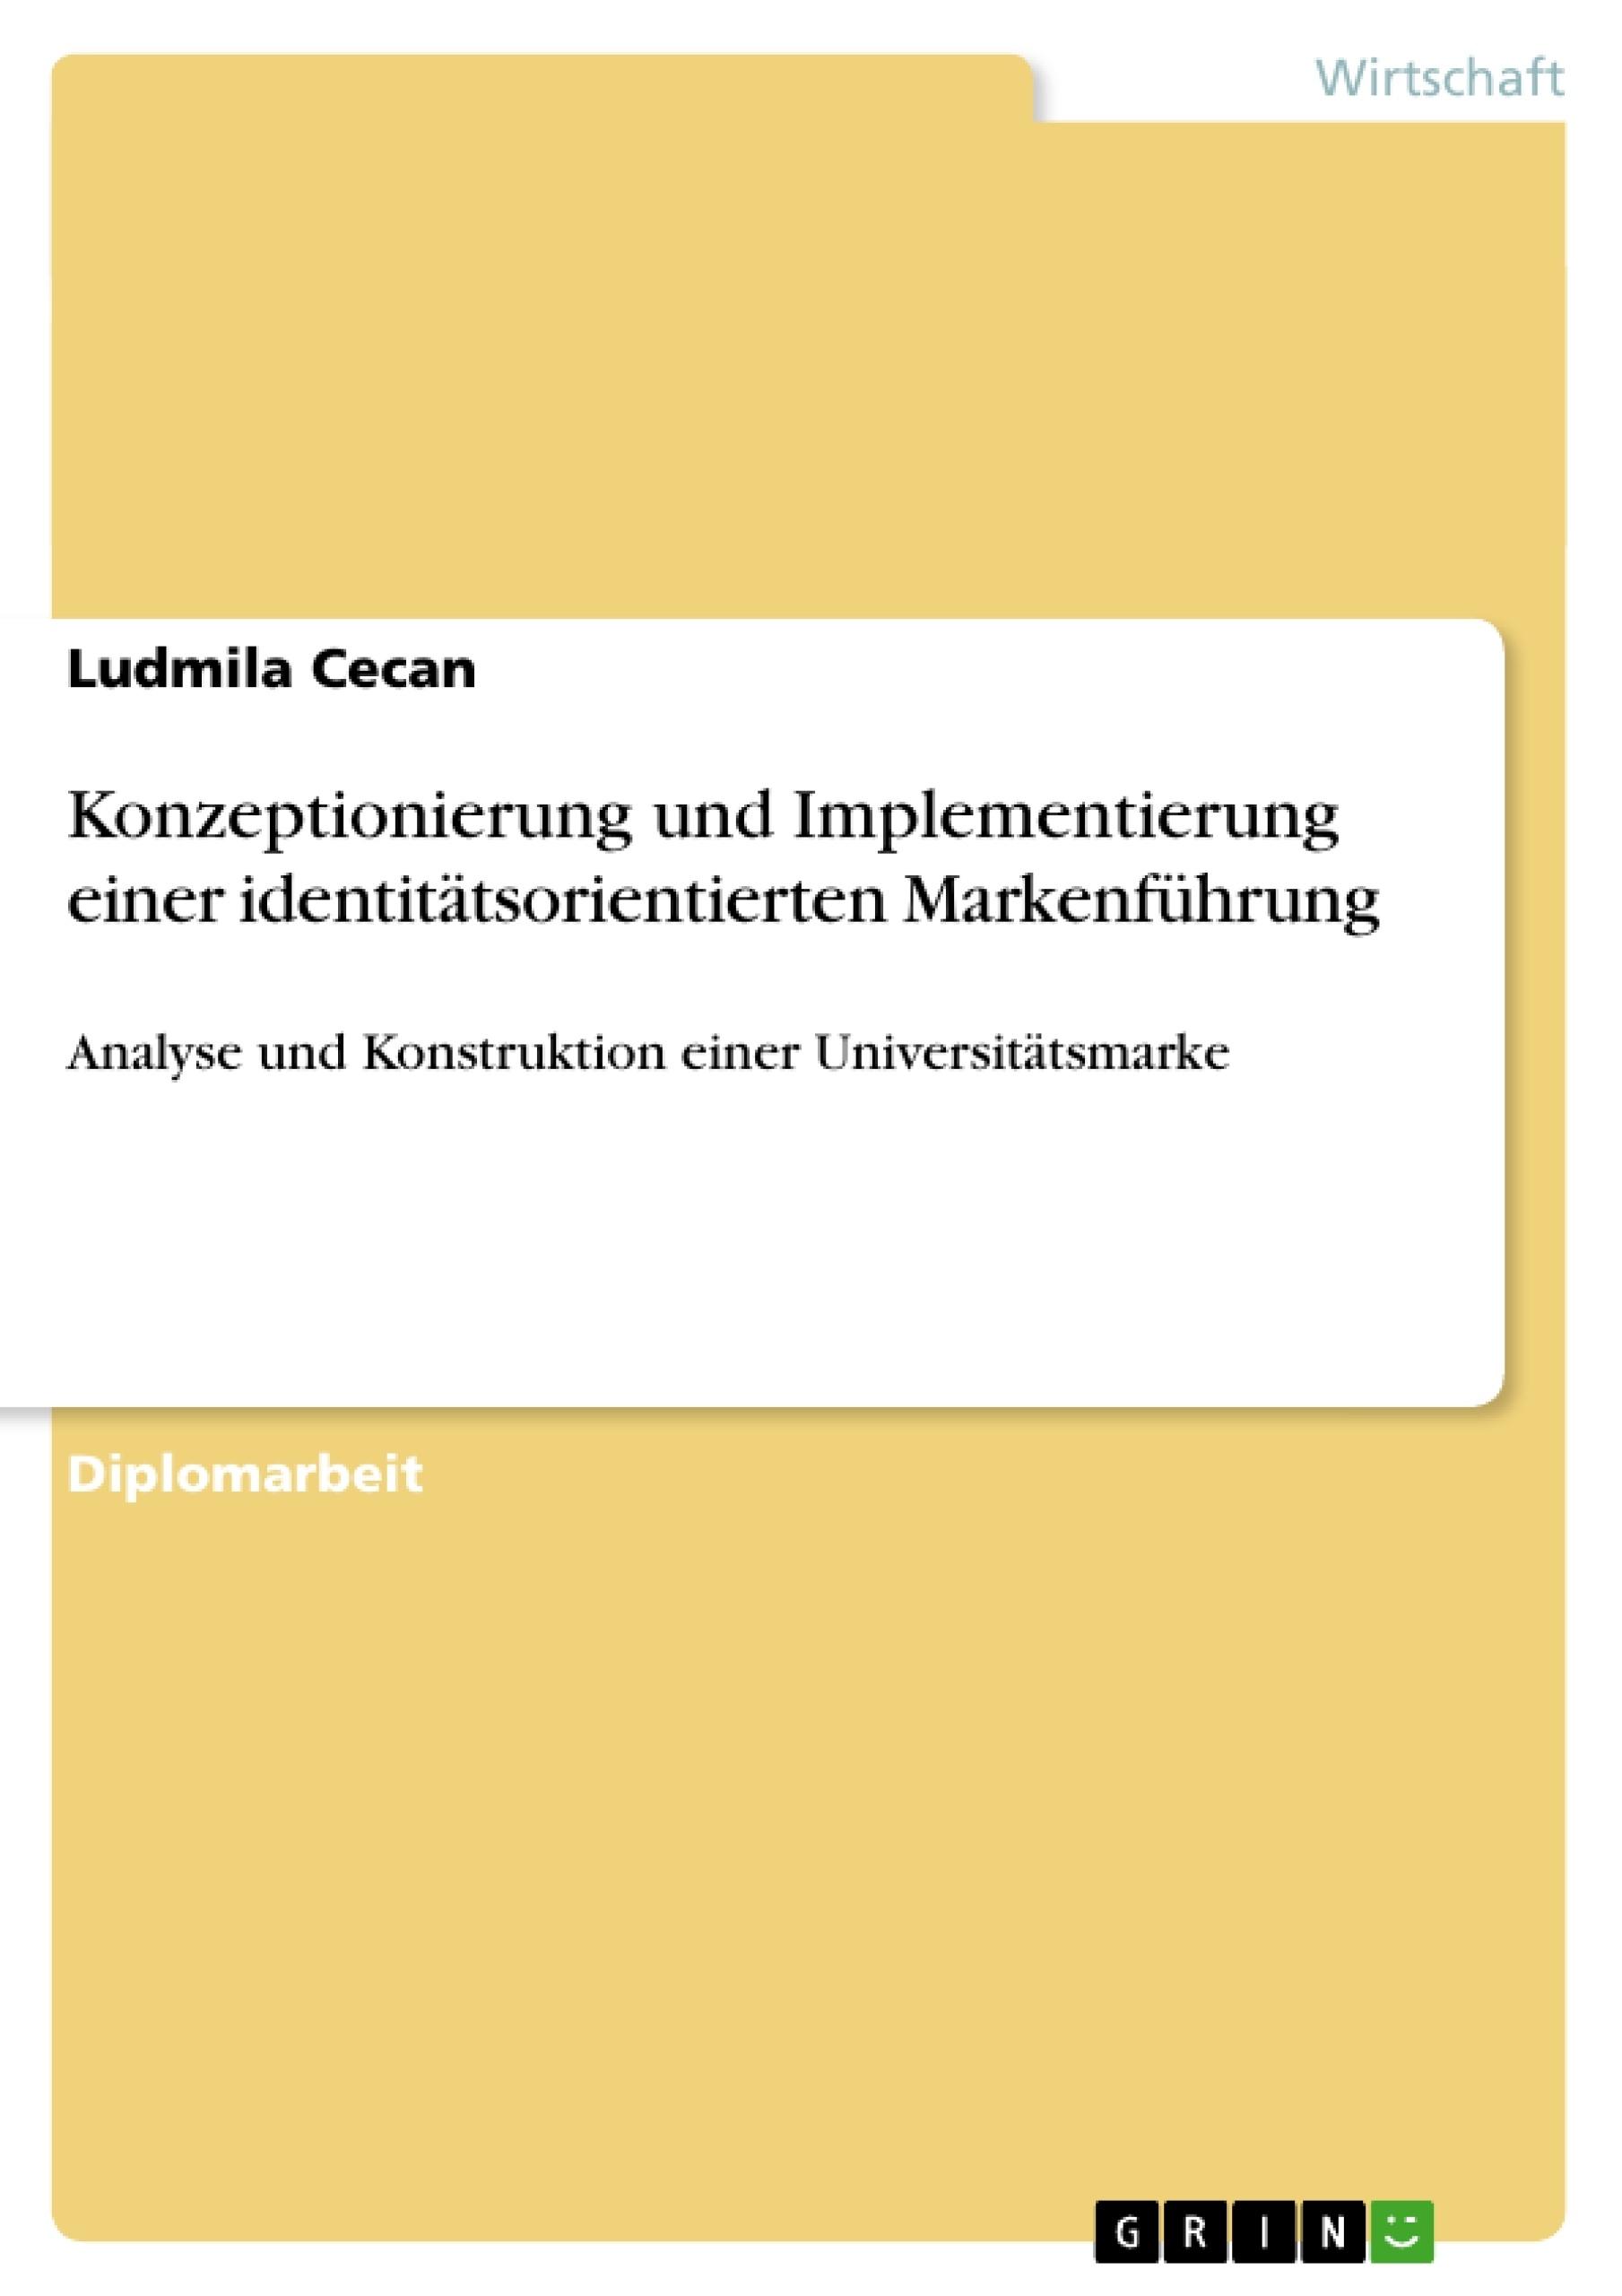 Titel: Konzeptionierung und Implementierung einer identitätsorientierten Markenführung